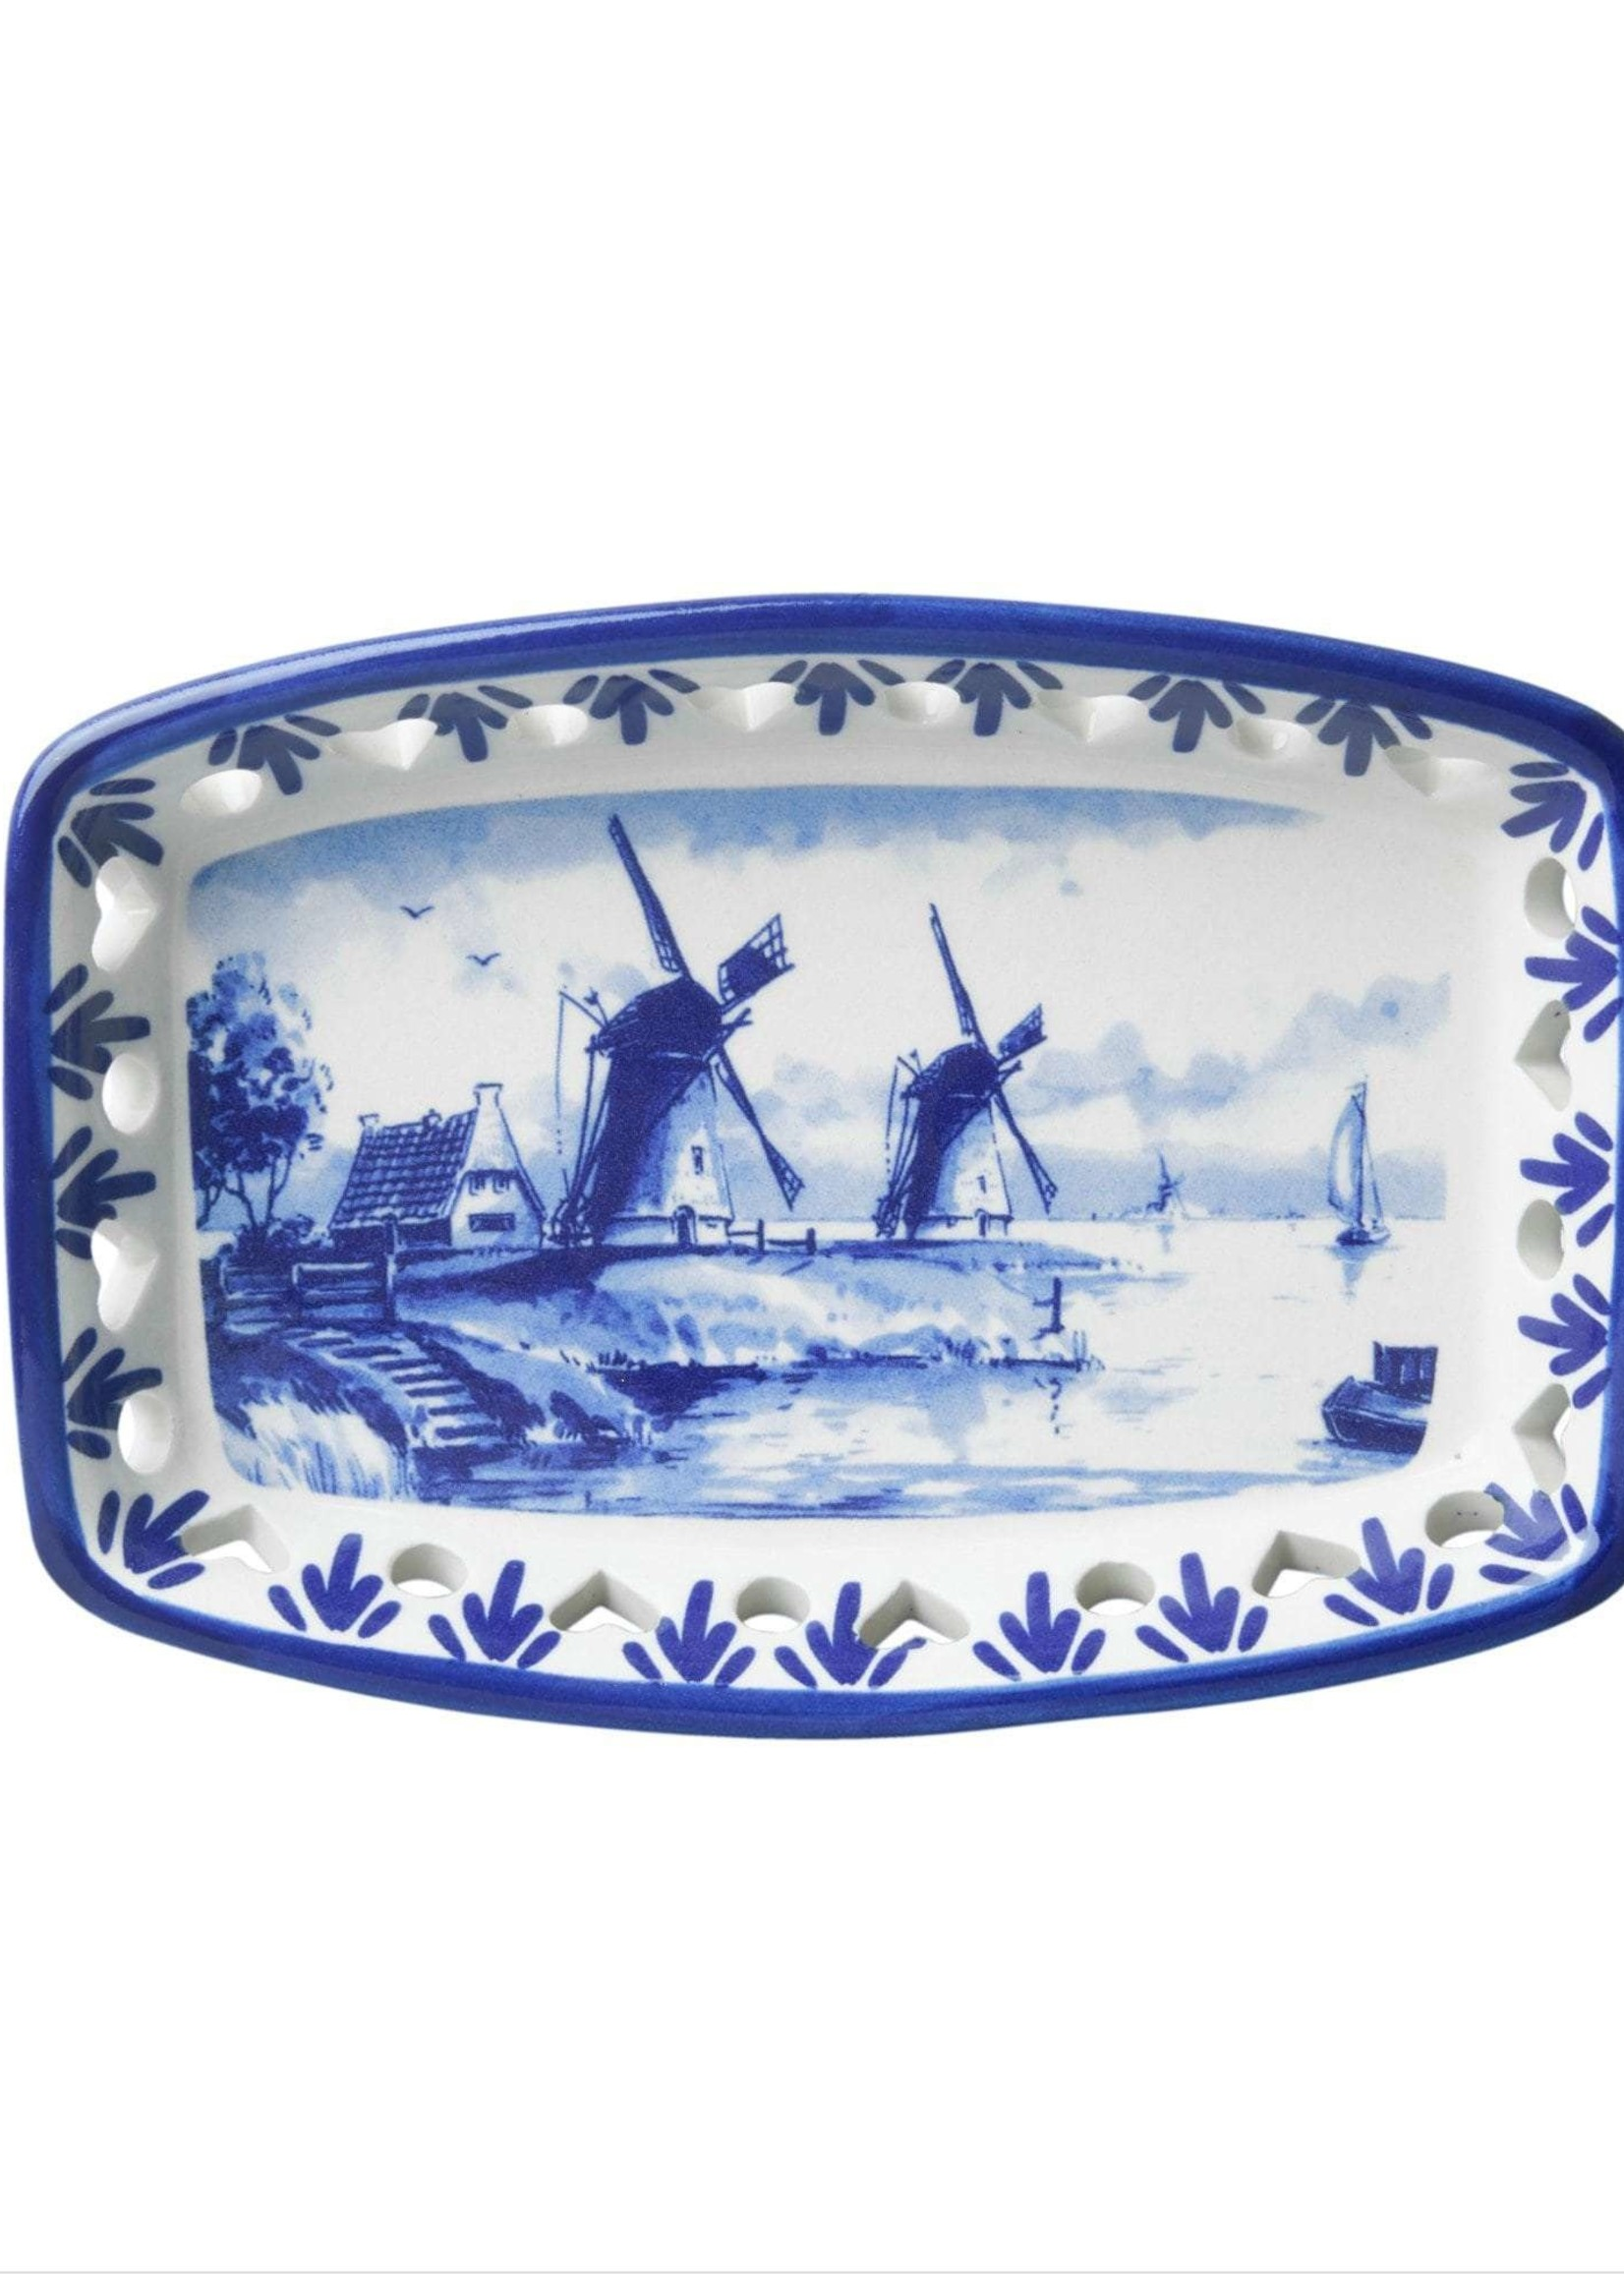 Delfts Blauwe Ajour Schaal met een Windmolen, Rechthoekig